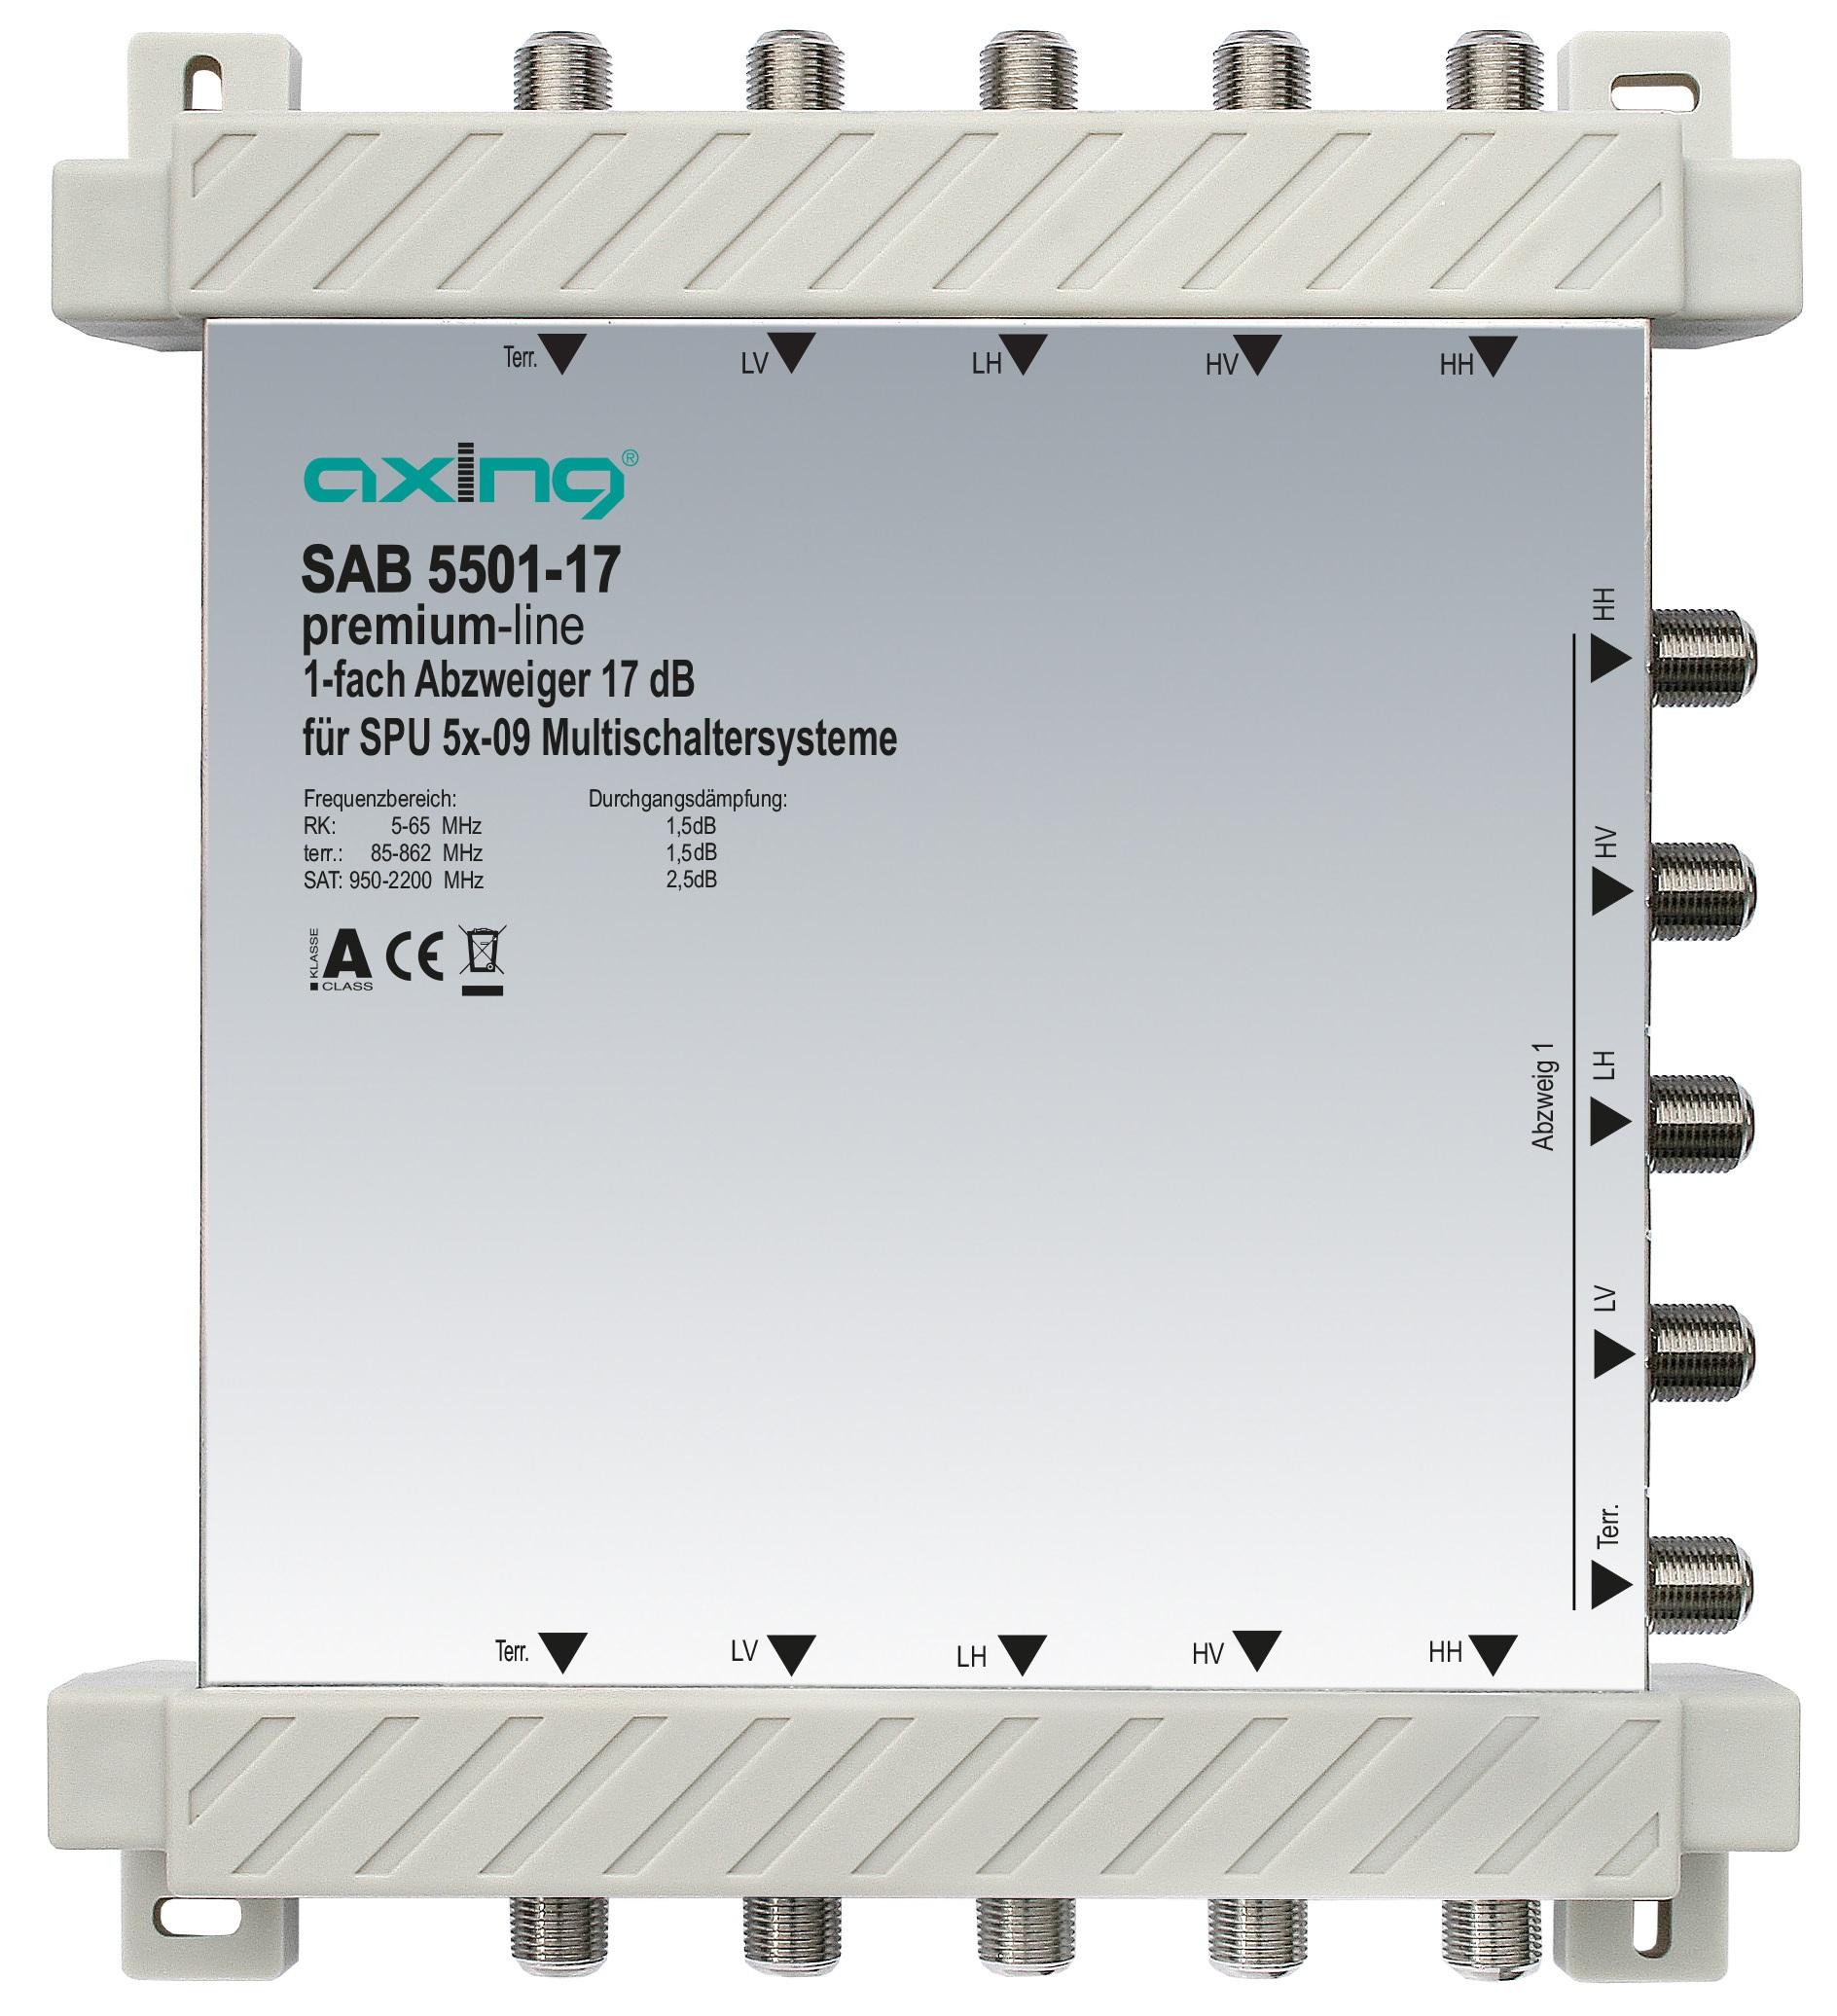 1 Stk 1-fach Abzweiger, 5 in 5, 17 dB, 5 bis 2200 MHz, SAB5501-17 HSZUV55117